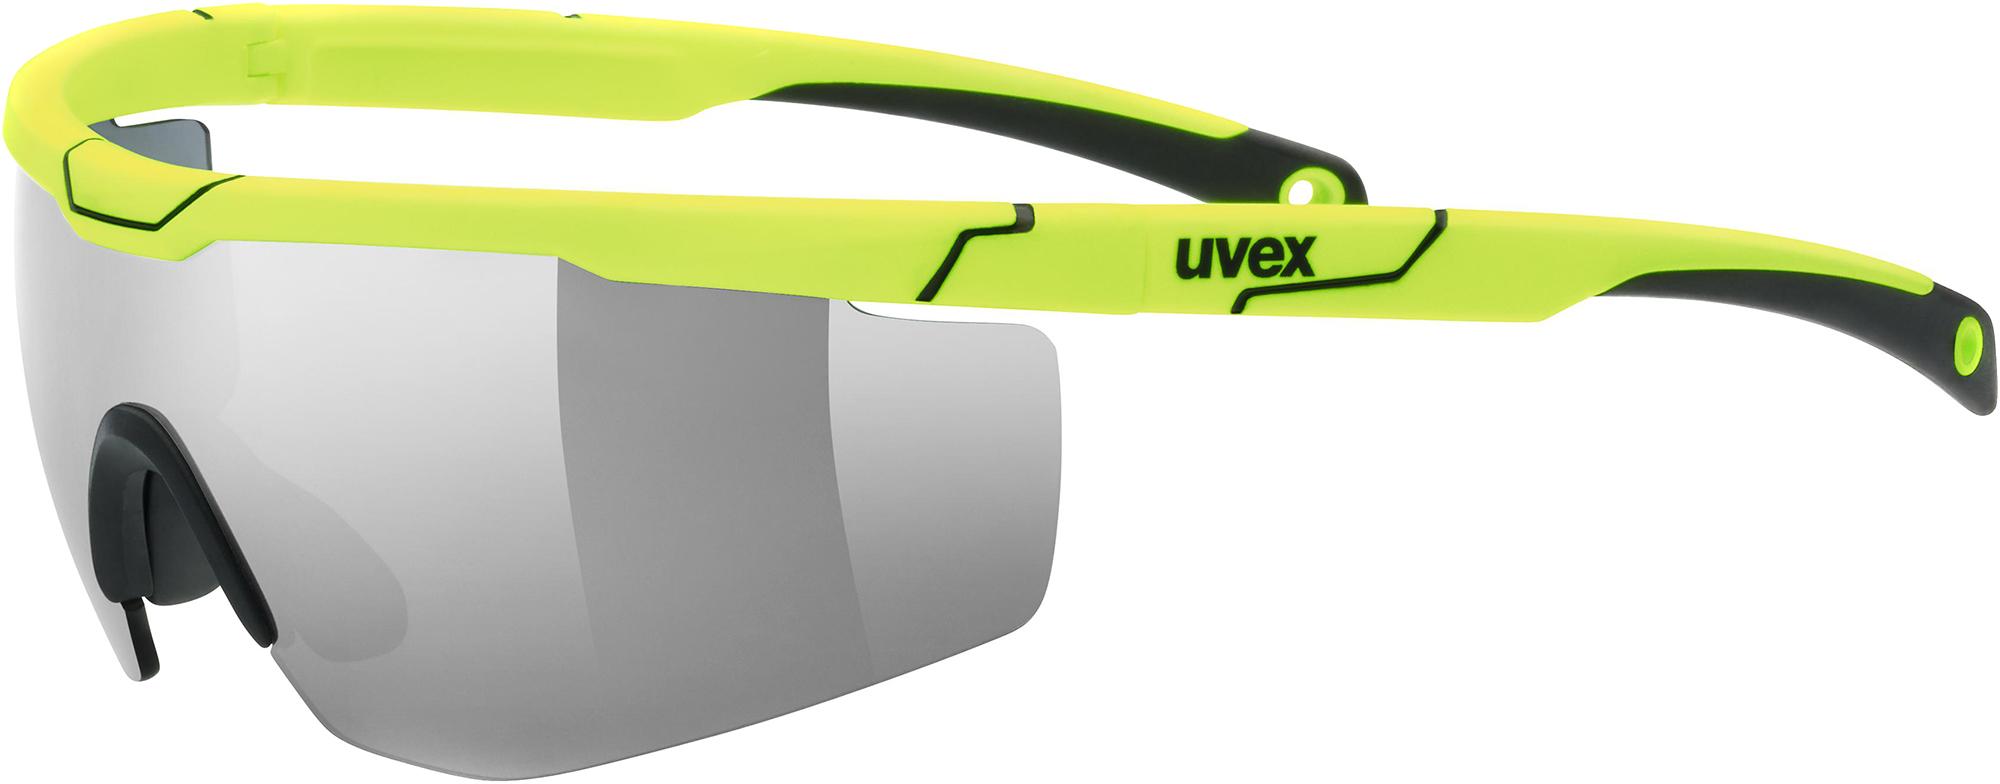 Uvex Солнцезащитные очки Uvex Sportstyle 117 3m ветрозащитные пыленепроницаемые защитные очки защиты от излучения для водителя автомобиля мотора